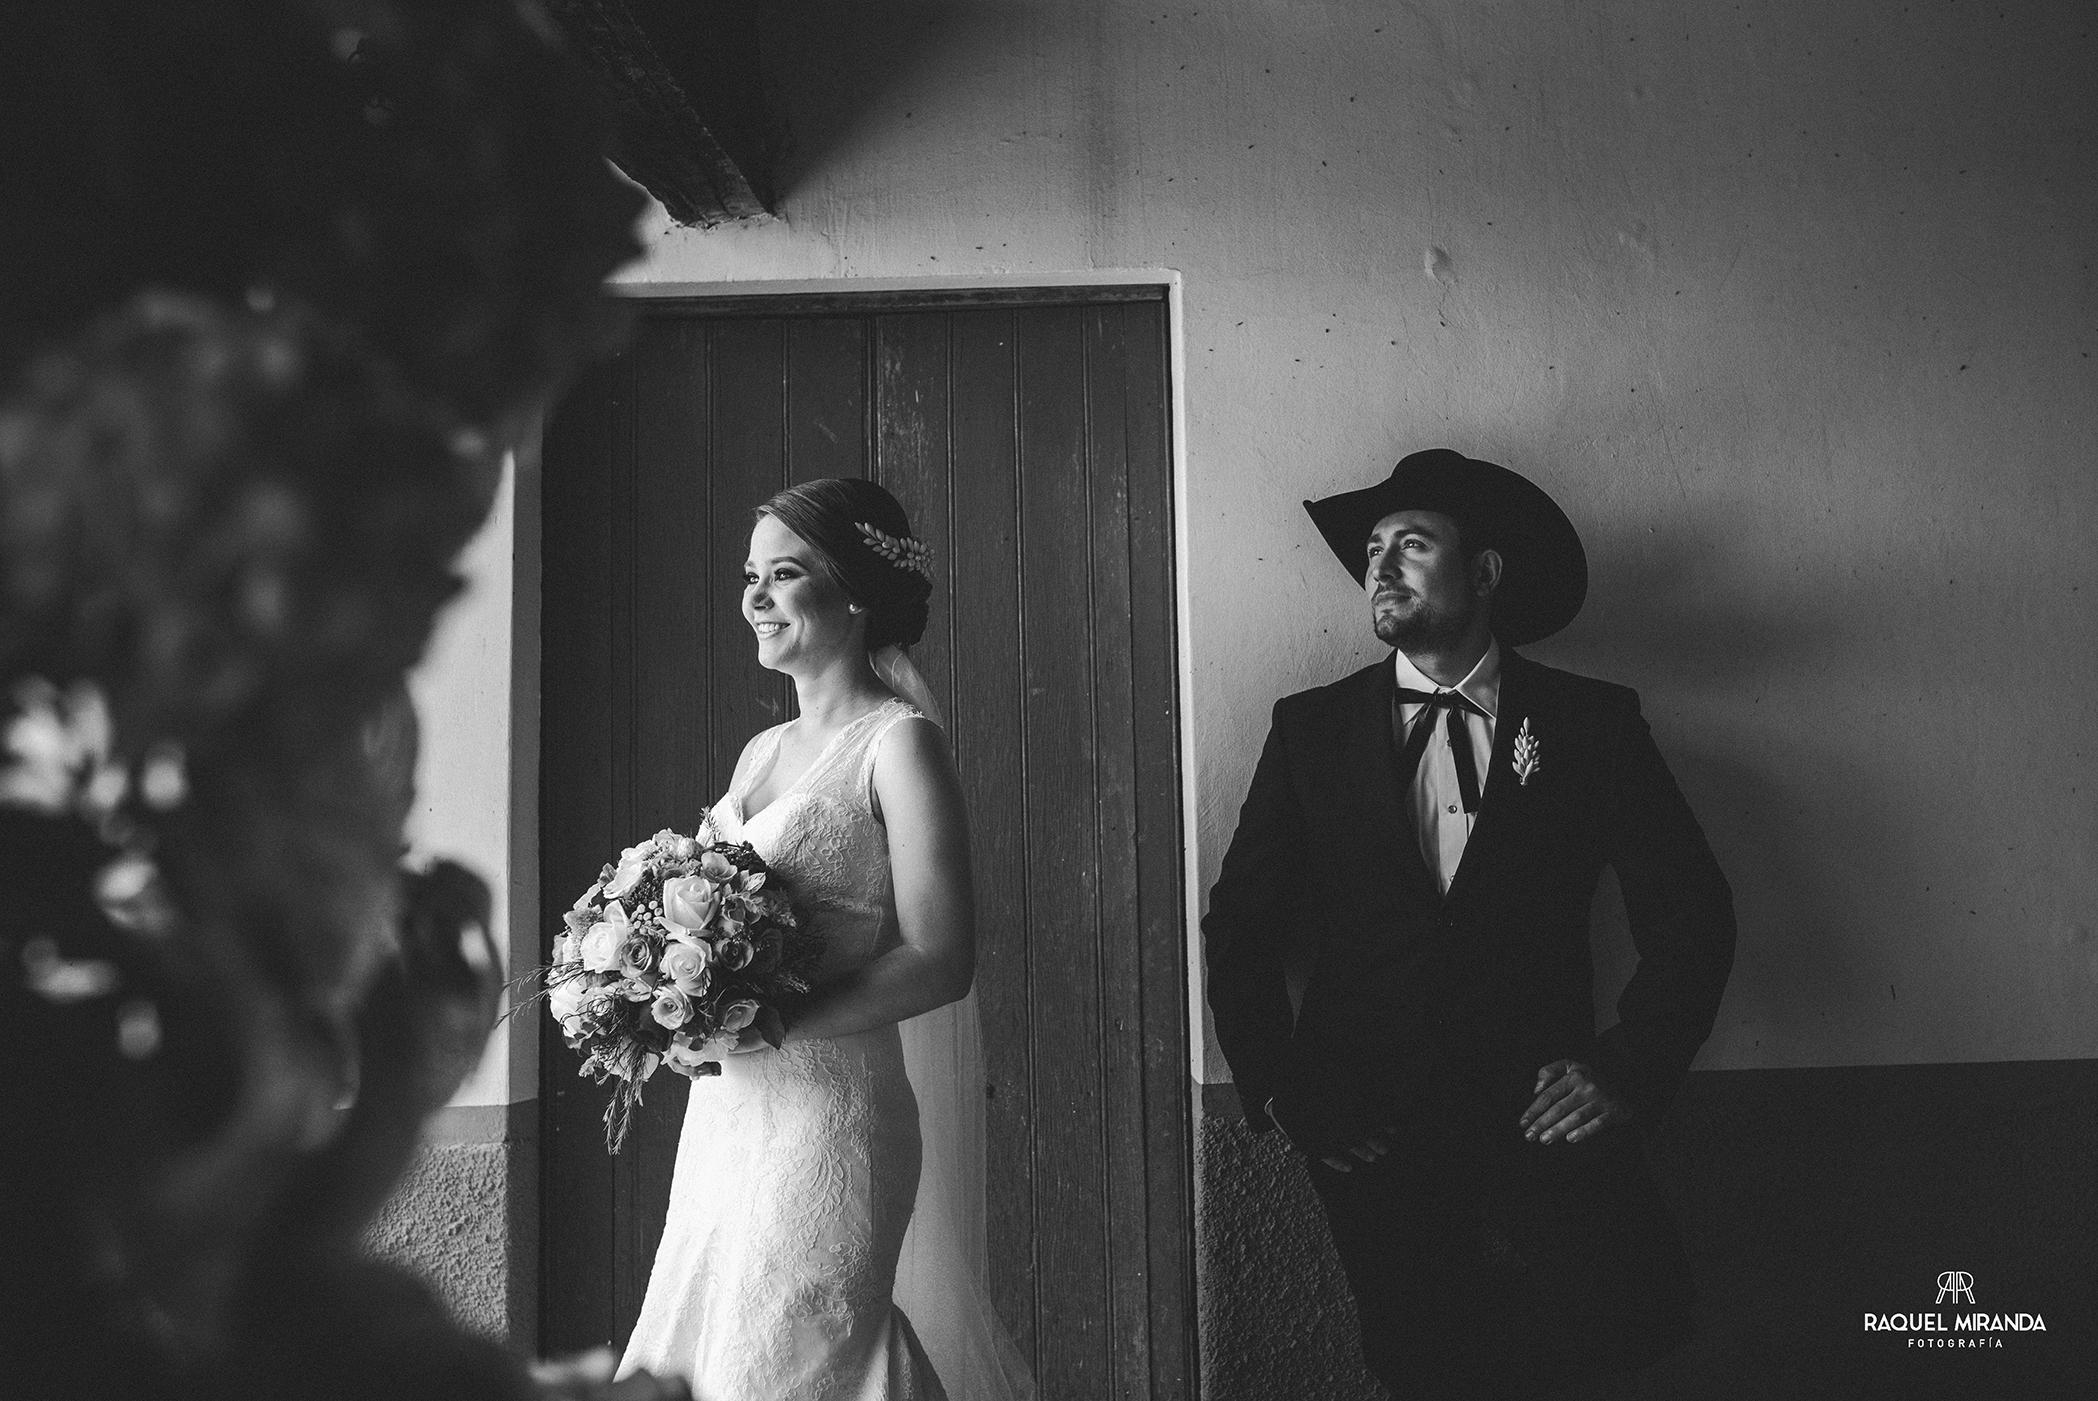 raquel miranda fotografía - wedding - edith&meño-6.jpg